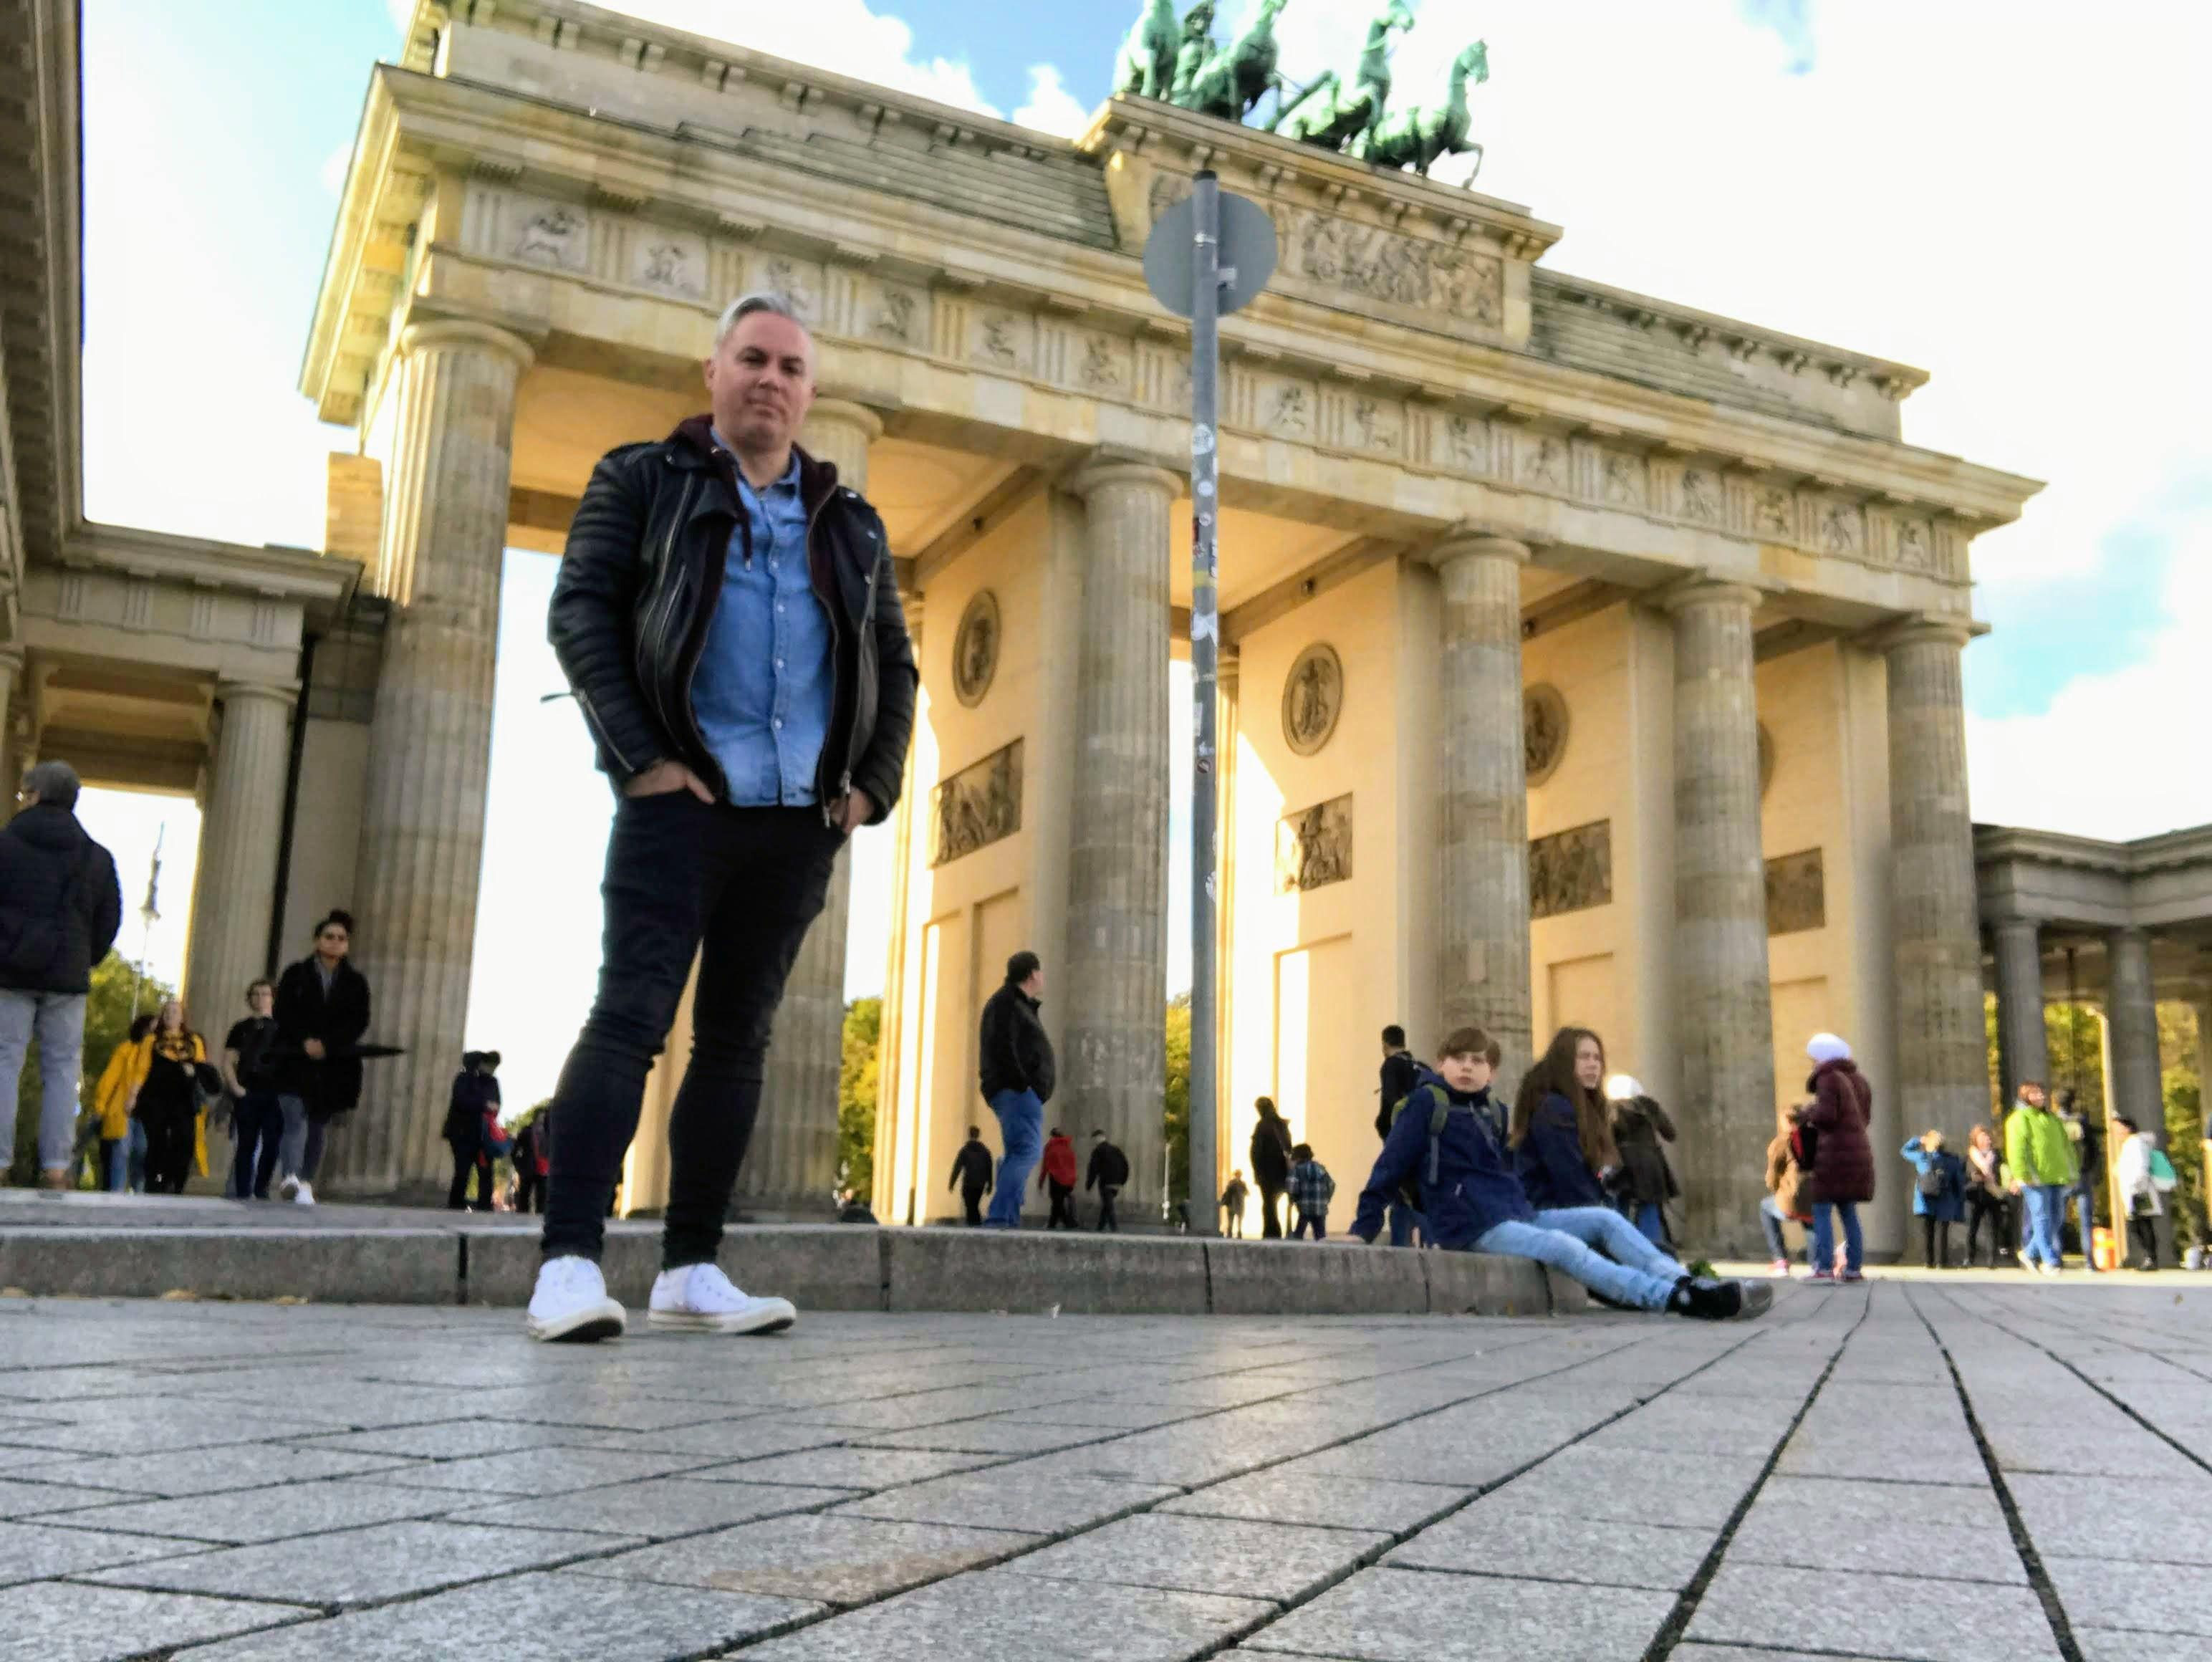 Shane Smyth at the Brandenburg Gate